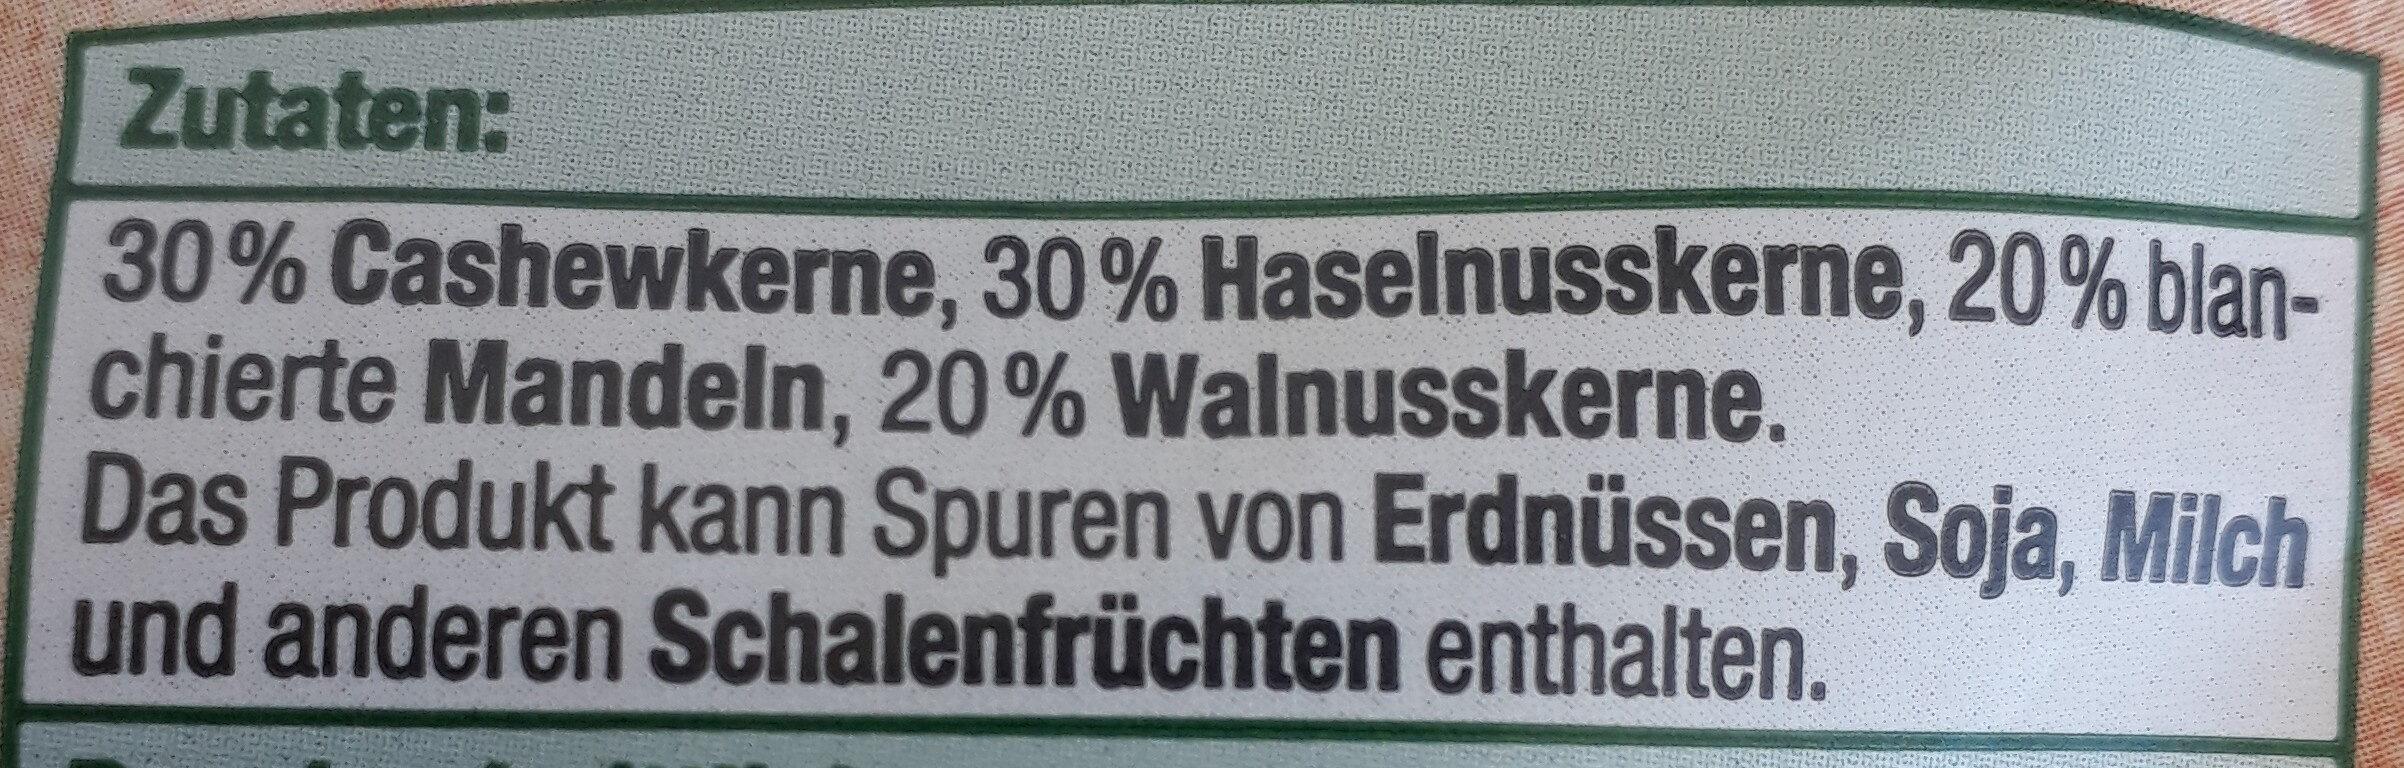 Feinste Nusskern-Mischung ungesalzen - Ingrédients - de